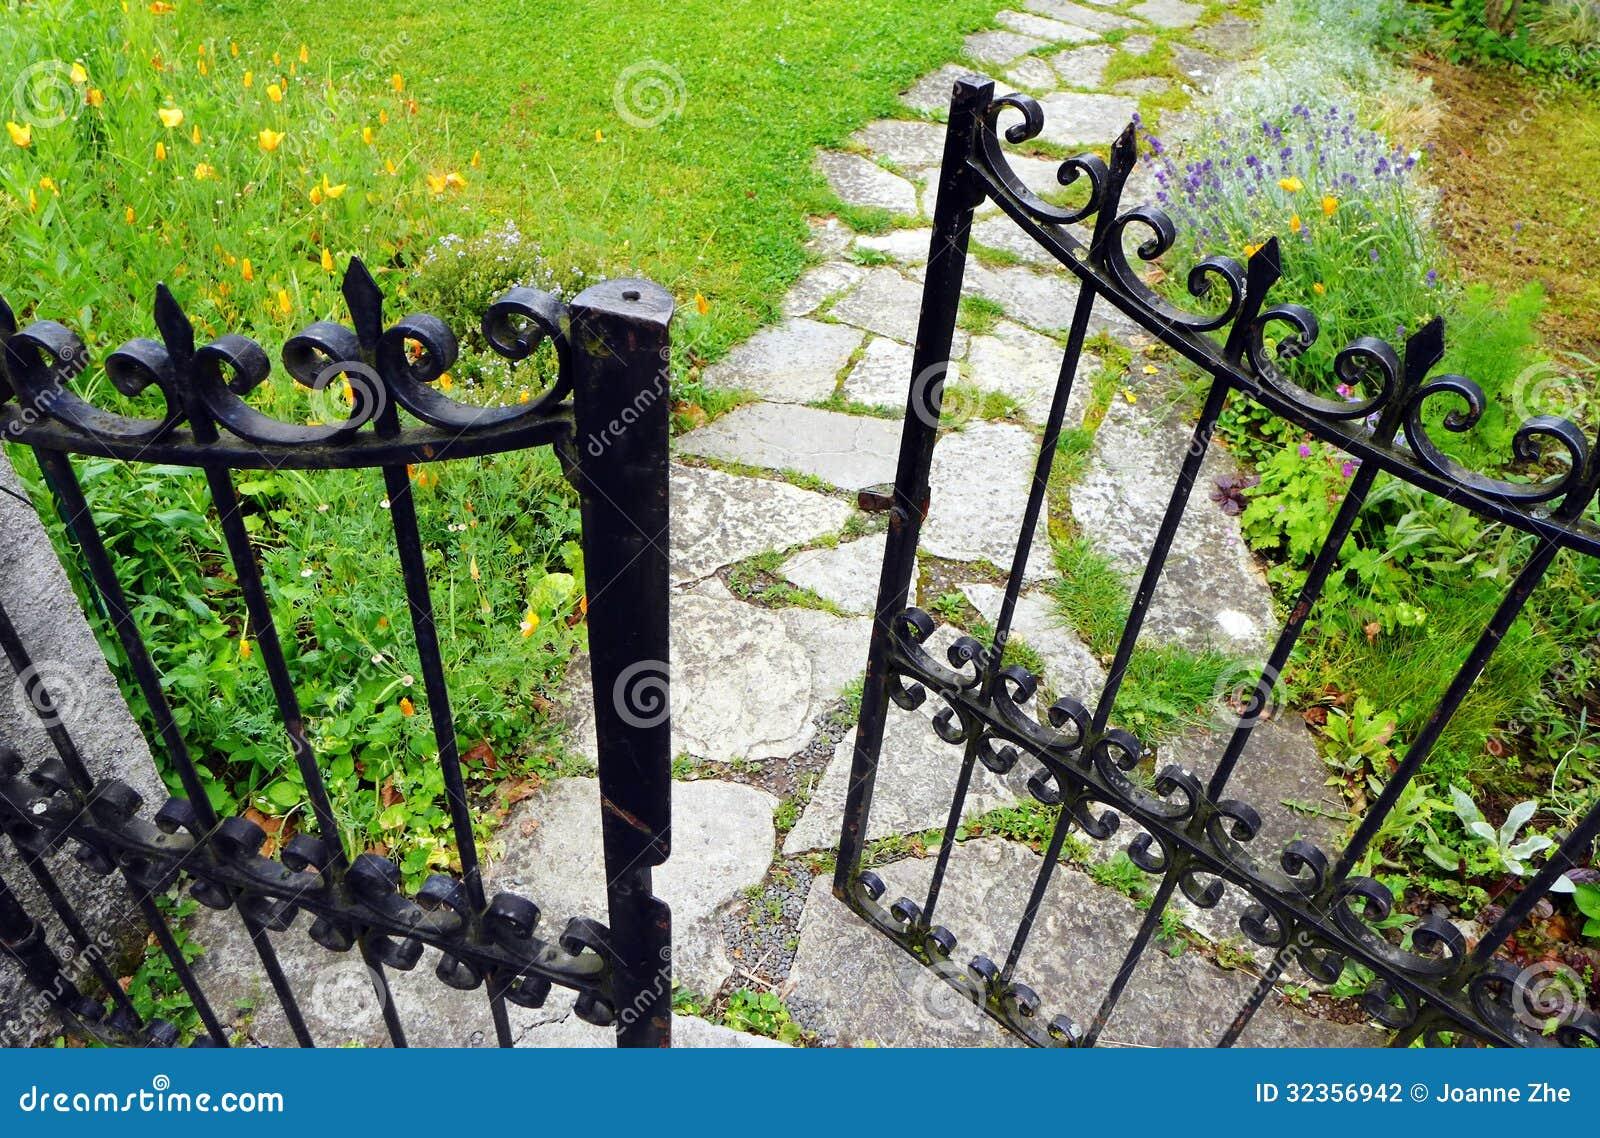 Wrought Iron Gate, Garden Stone Path